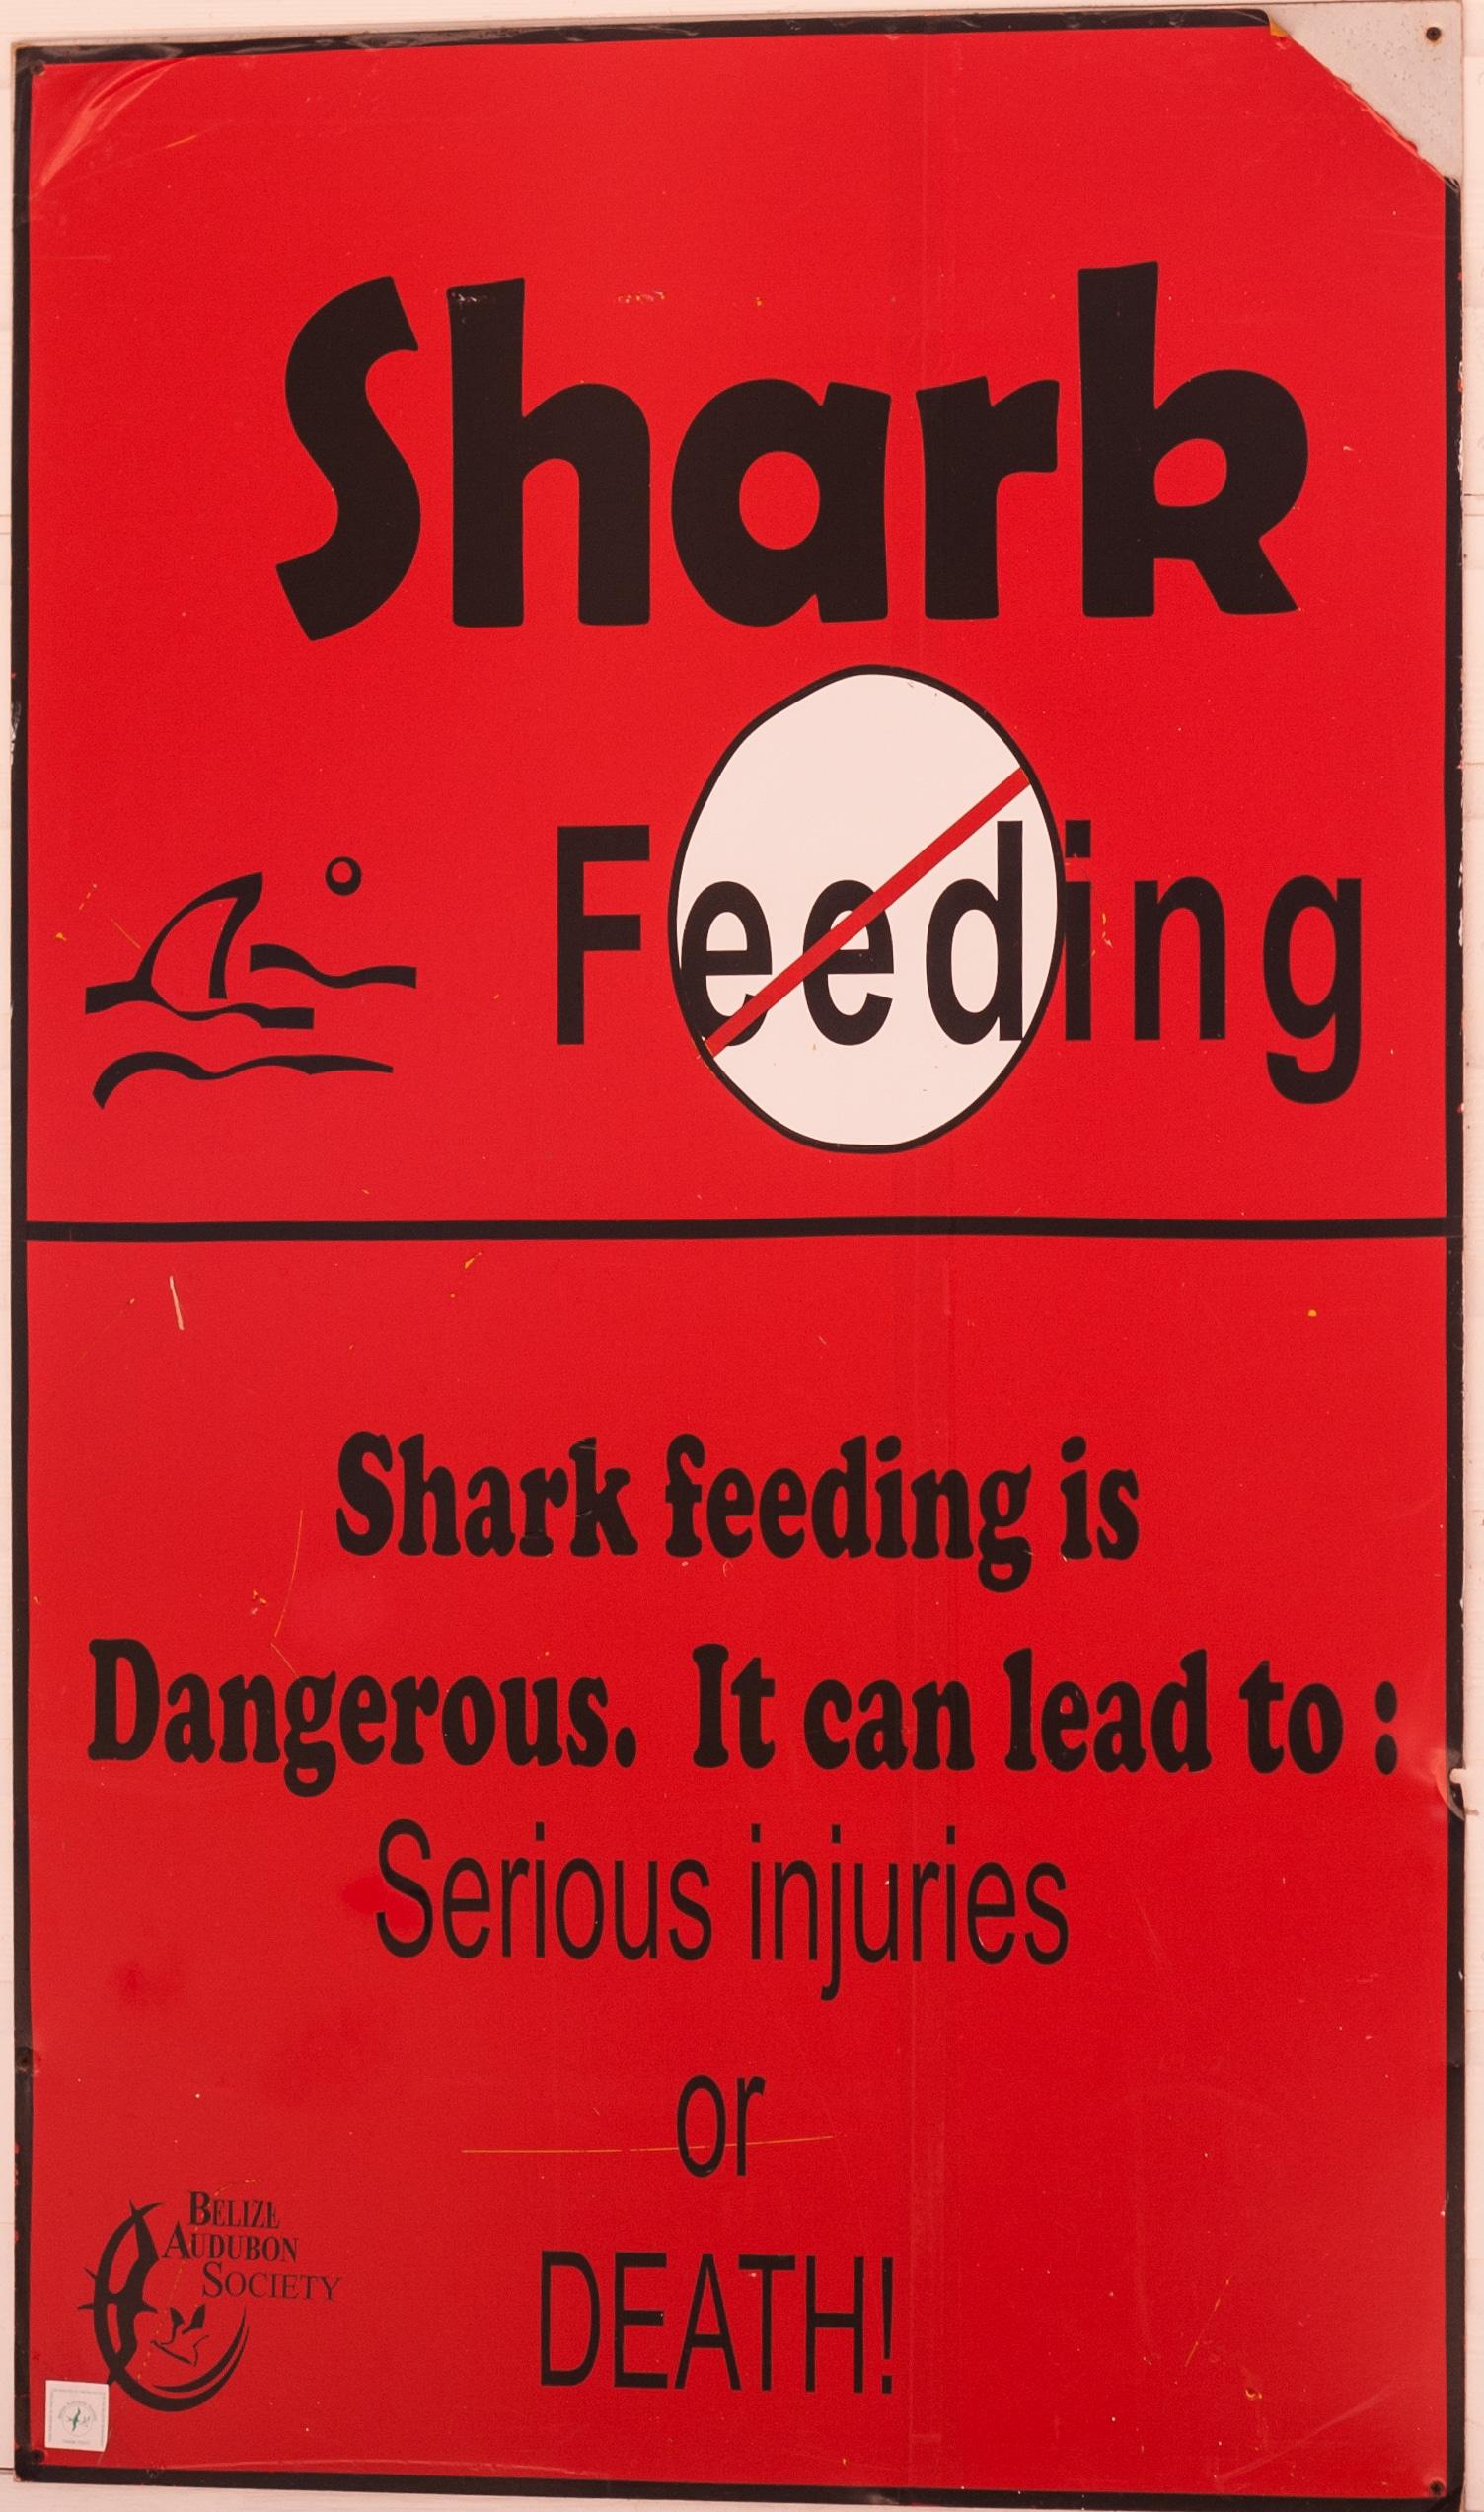 shark feeding dangers